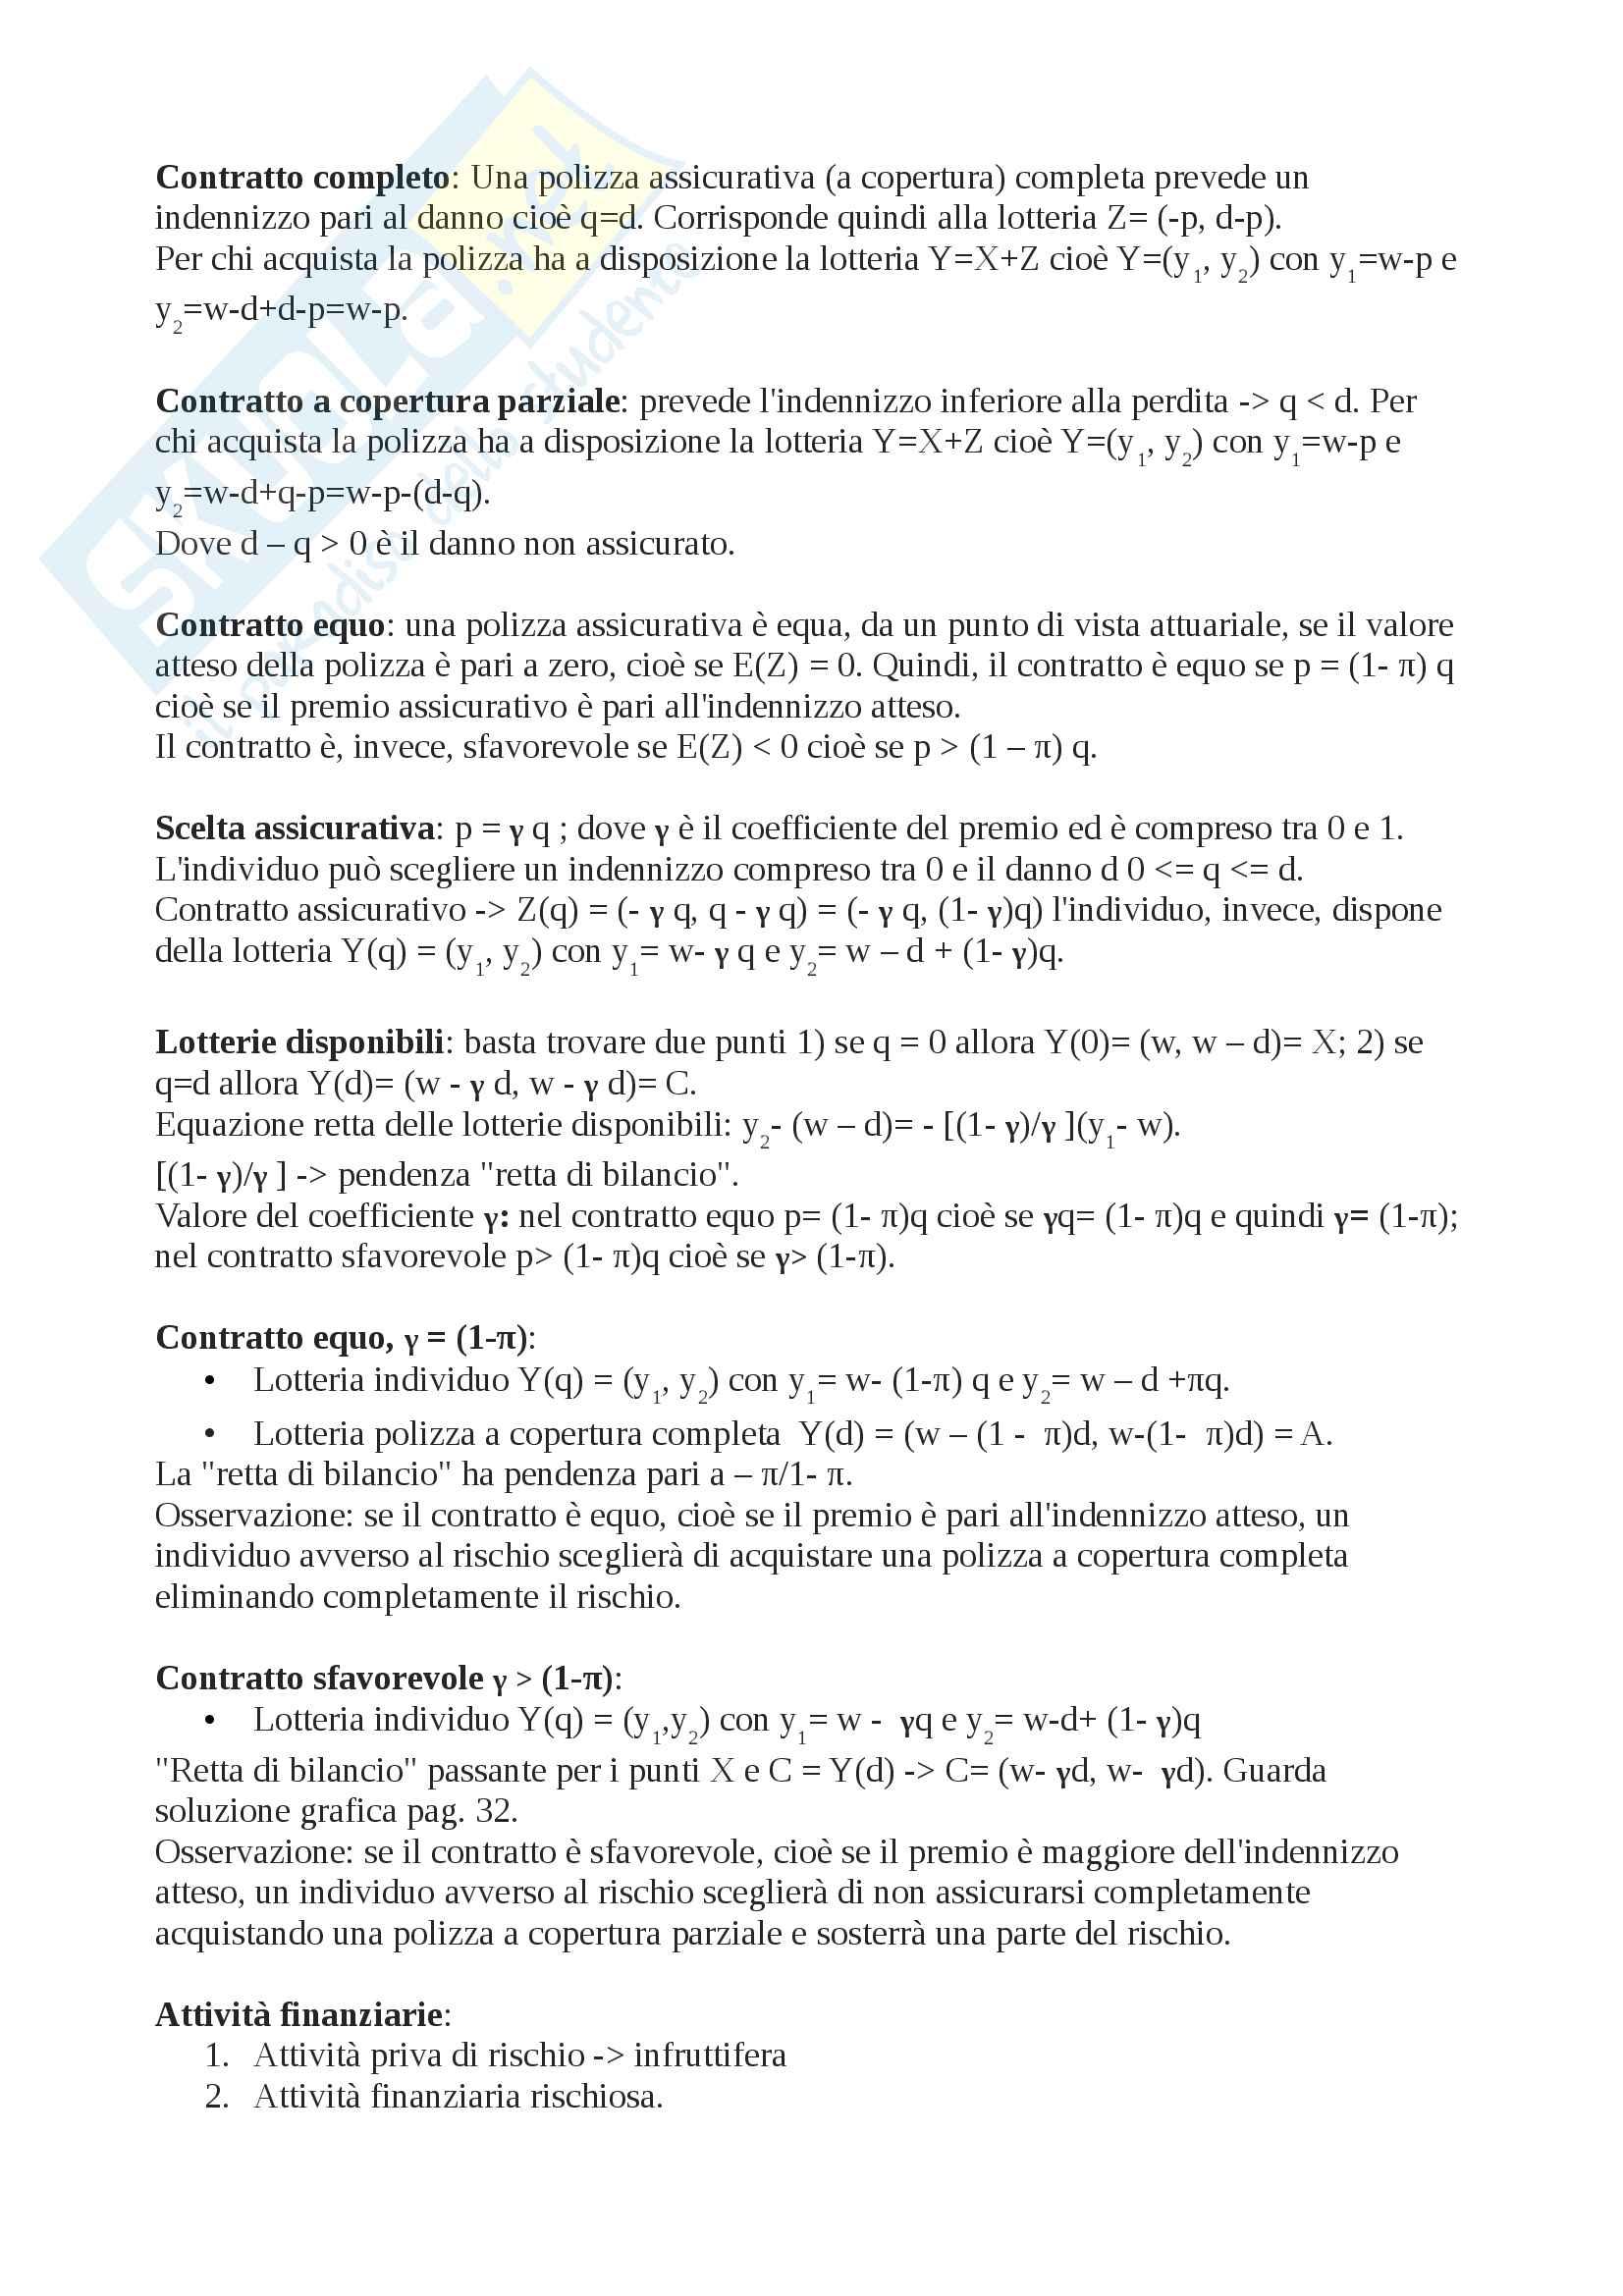 Microeconomia (cenni semplici per passare con 30) Pag. 2